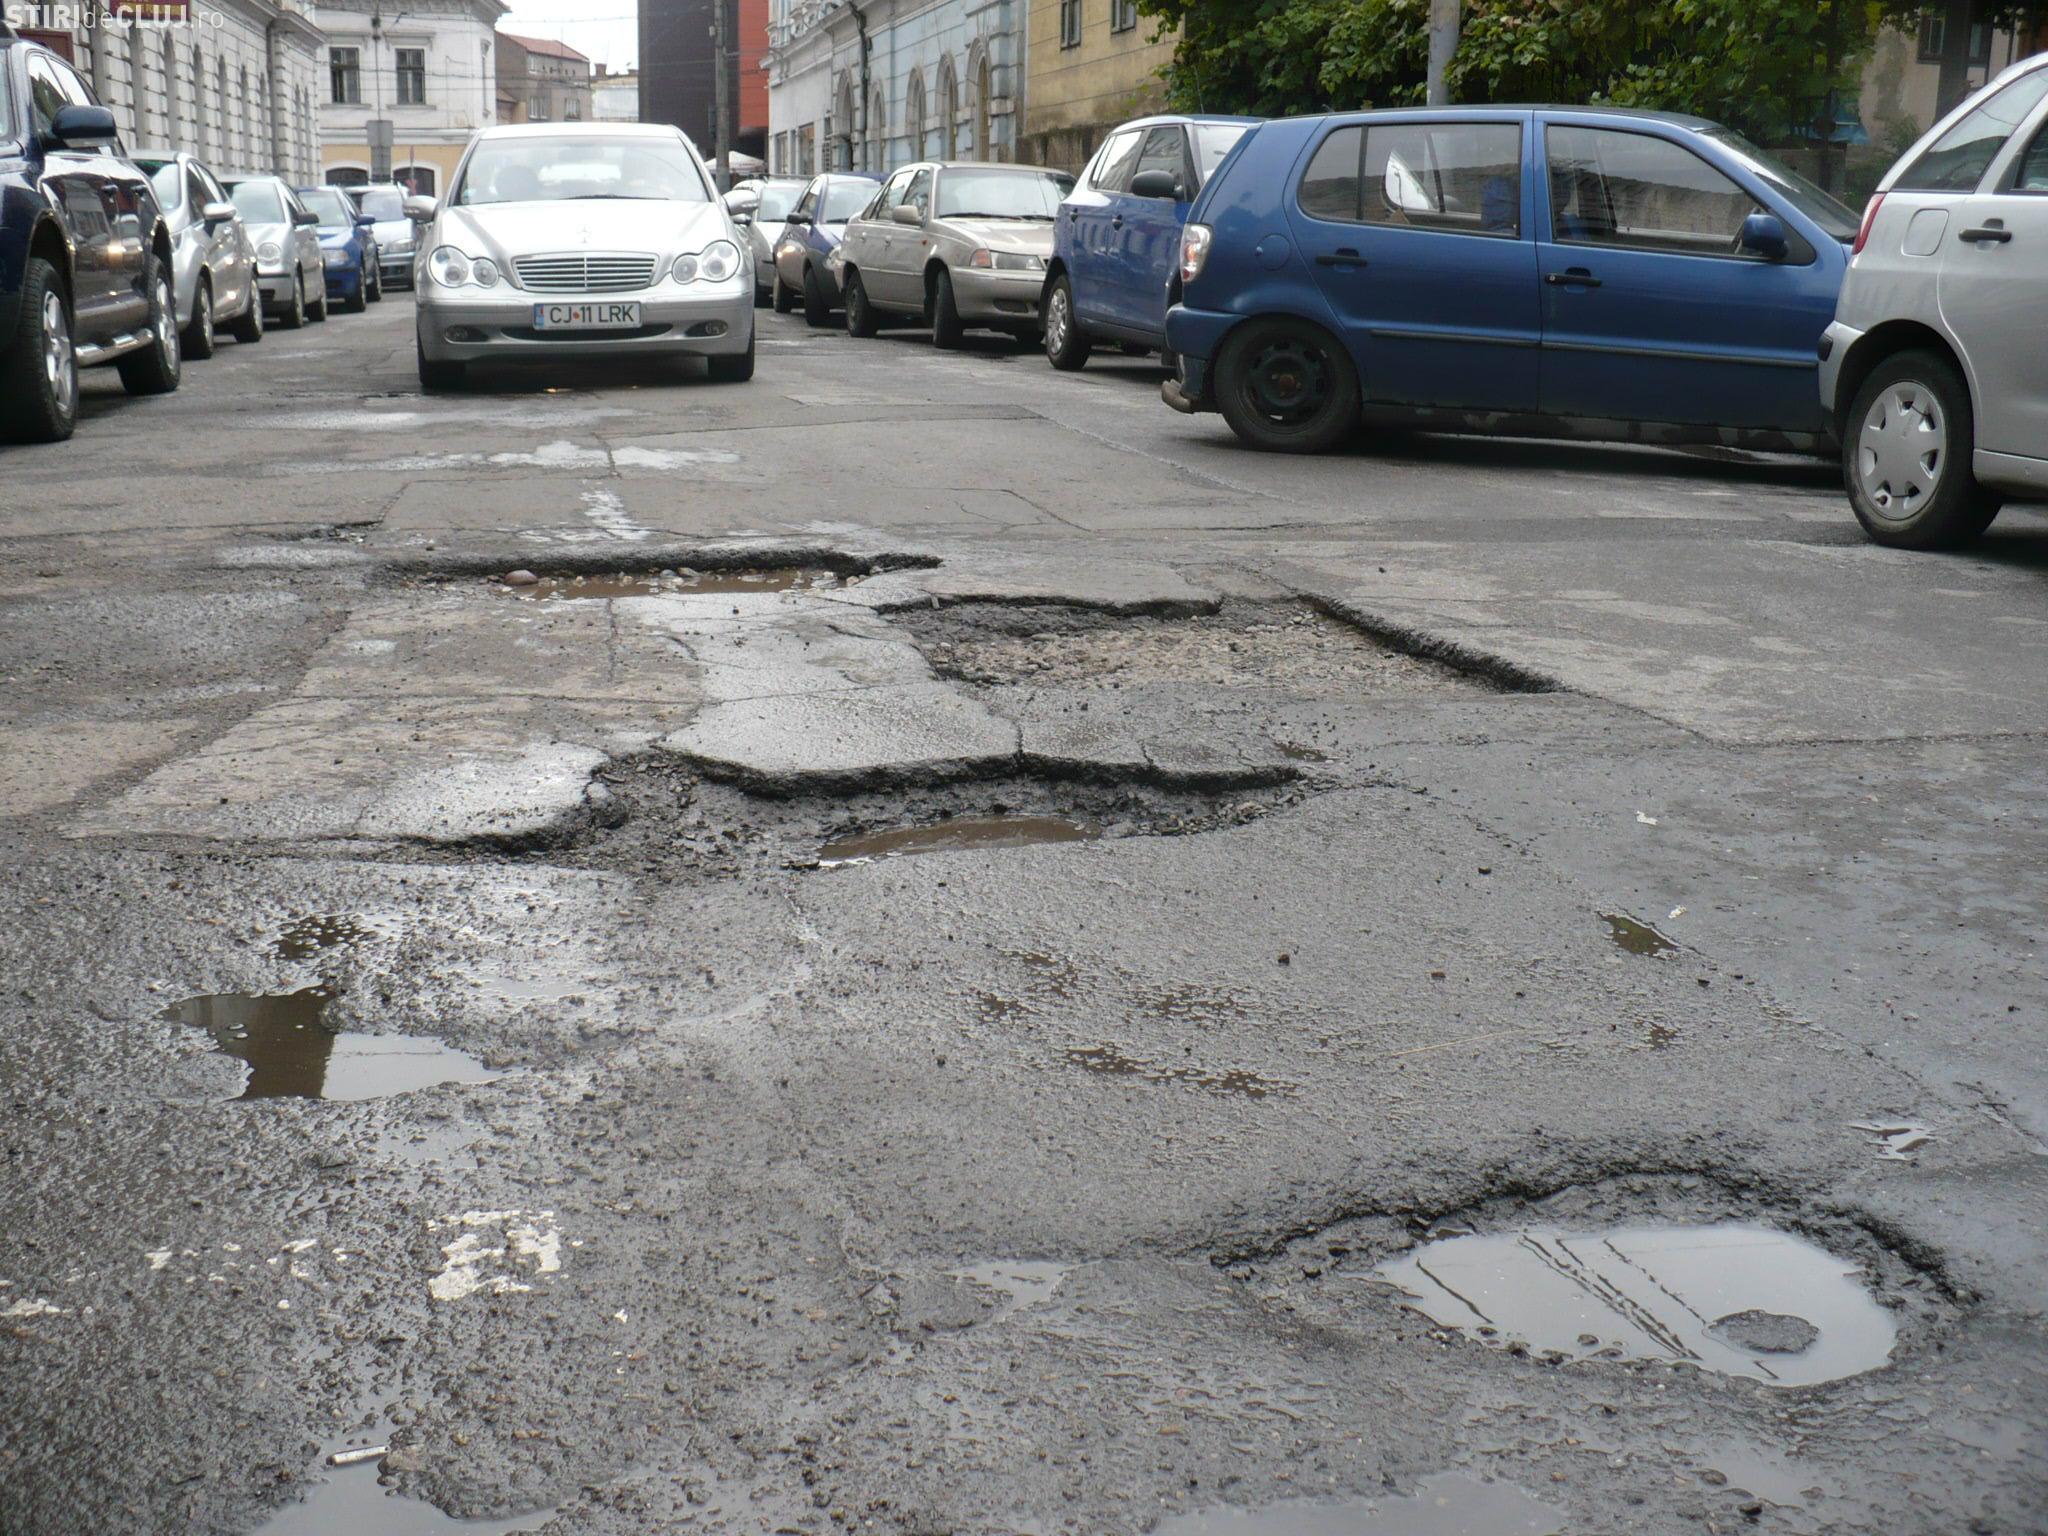 Primăria Capitalei anunță că repară străzi de câteva zile. Spune că a astupat deja niște gropi, a marcat străzi și a reglat semafoare. Groapa voastră mai e?